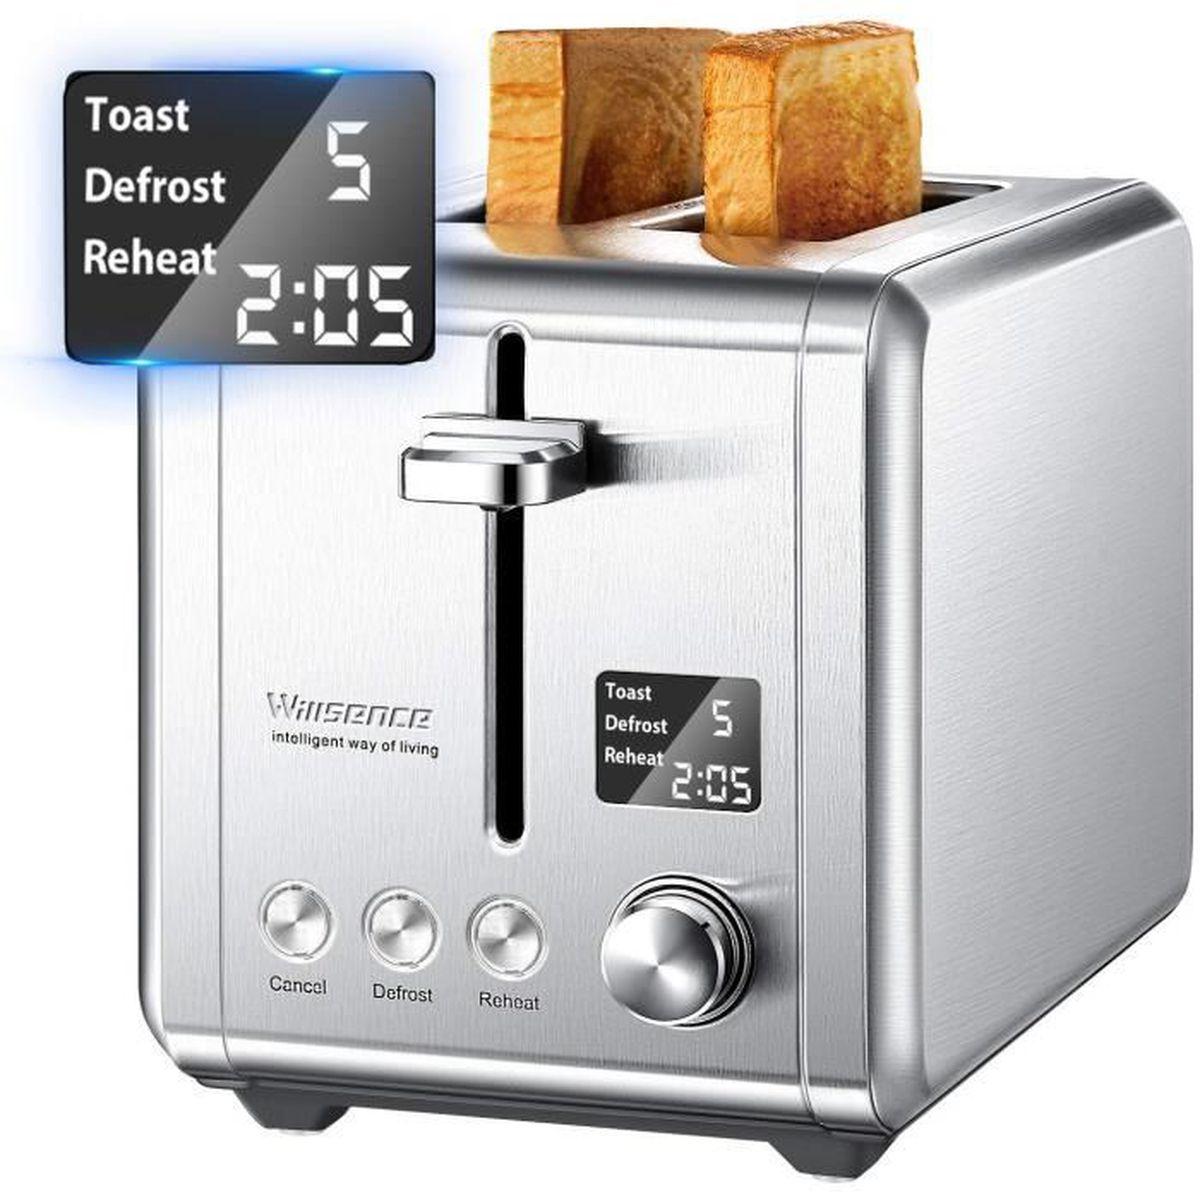 fente extra large en acier inoxydable pour gaufres /à pain beige grille-pain en acier inoxydable avec annulation fonction d/égivrage Grille-pain /à 2 tranches